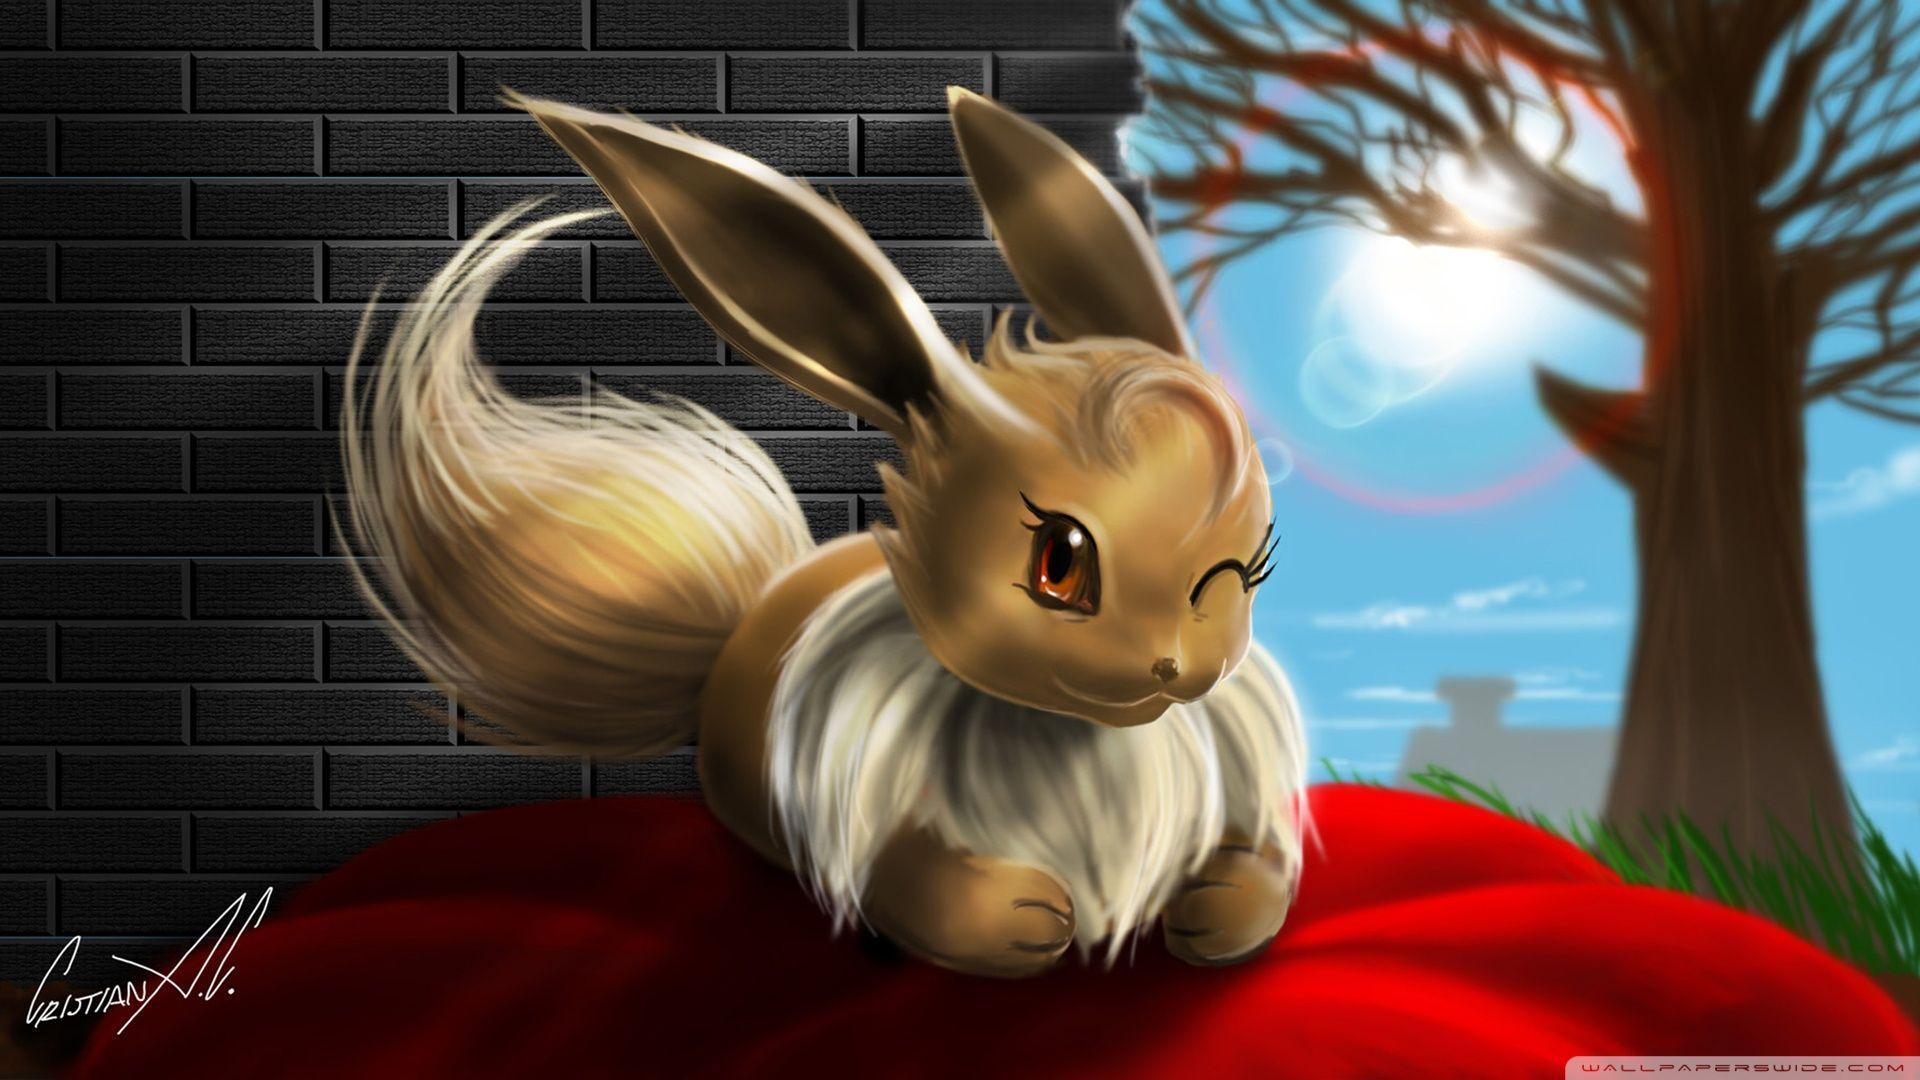 Eevee Hd Wallpapers Top Free Eevee Hd Backgrounds Wallpaperaccess